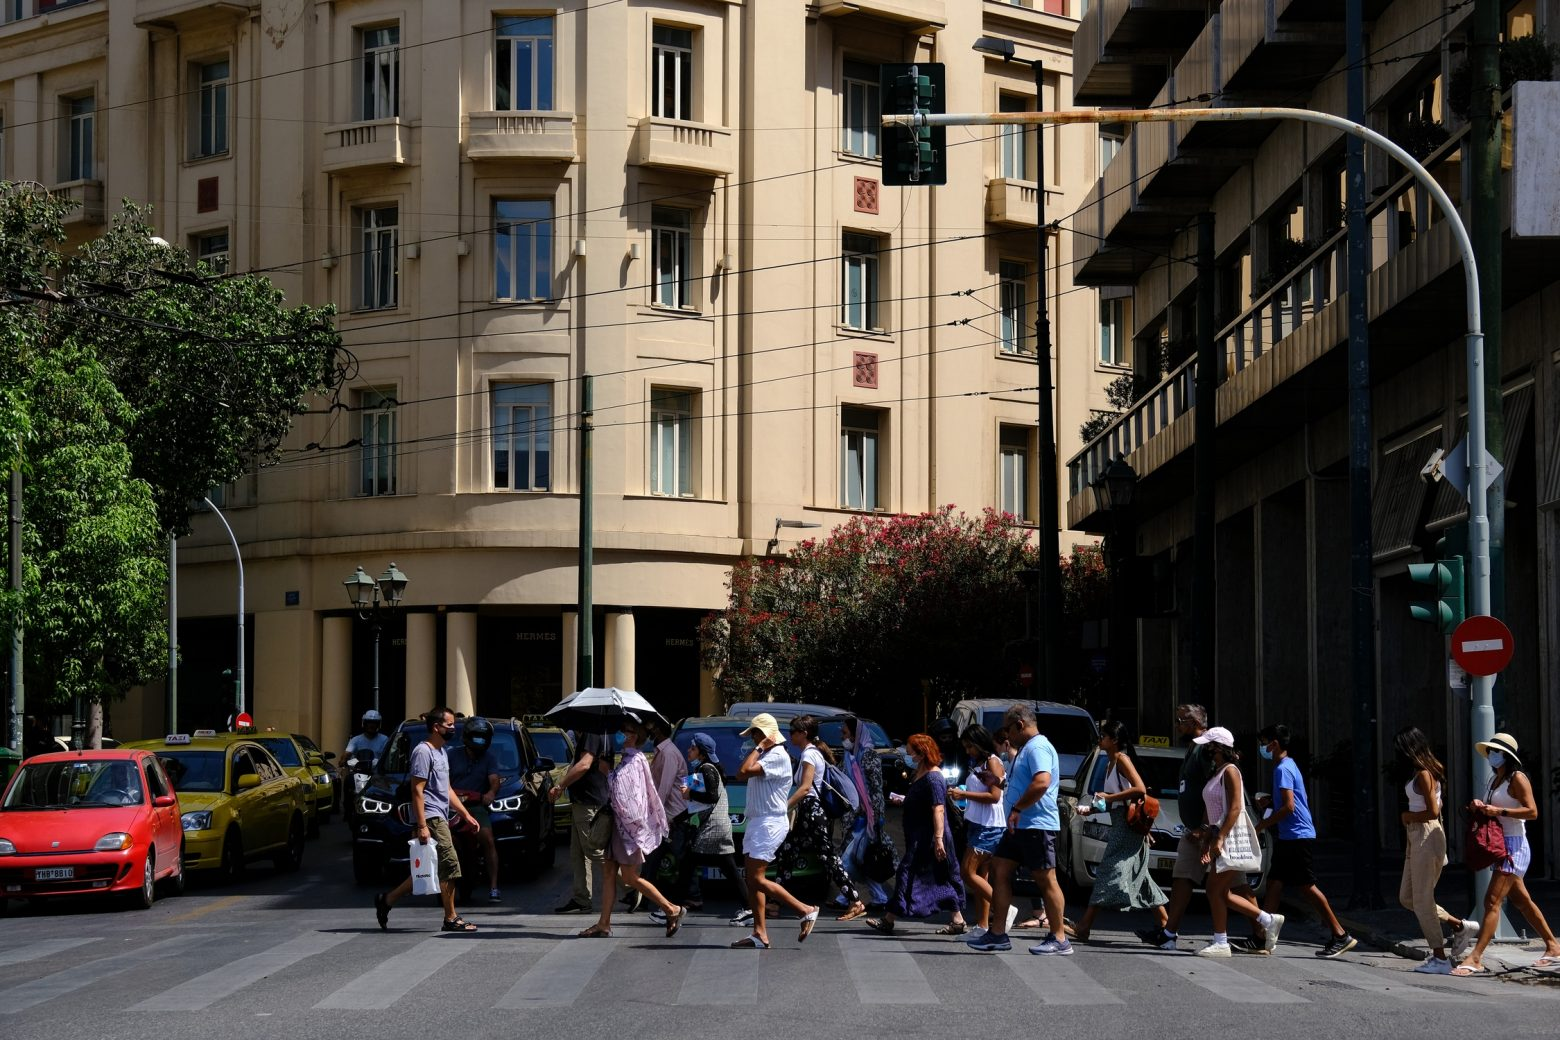 Τζανάκης: Στο τέταρτο κύμα θα μας επισκεφθεί όλους ο κοροναϊός | in.gr